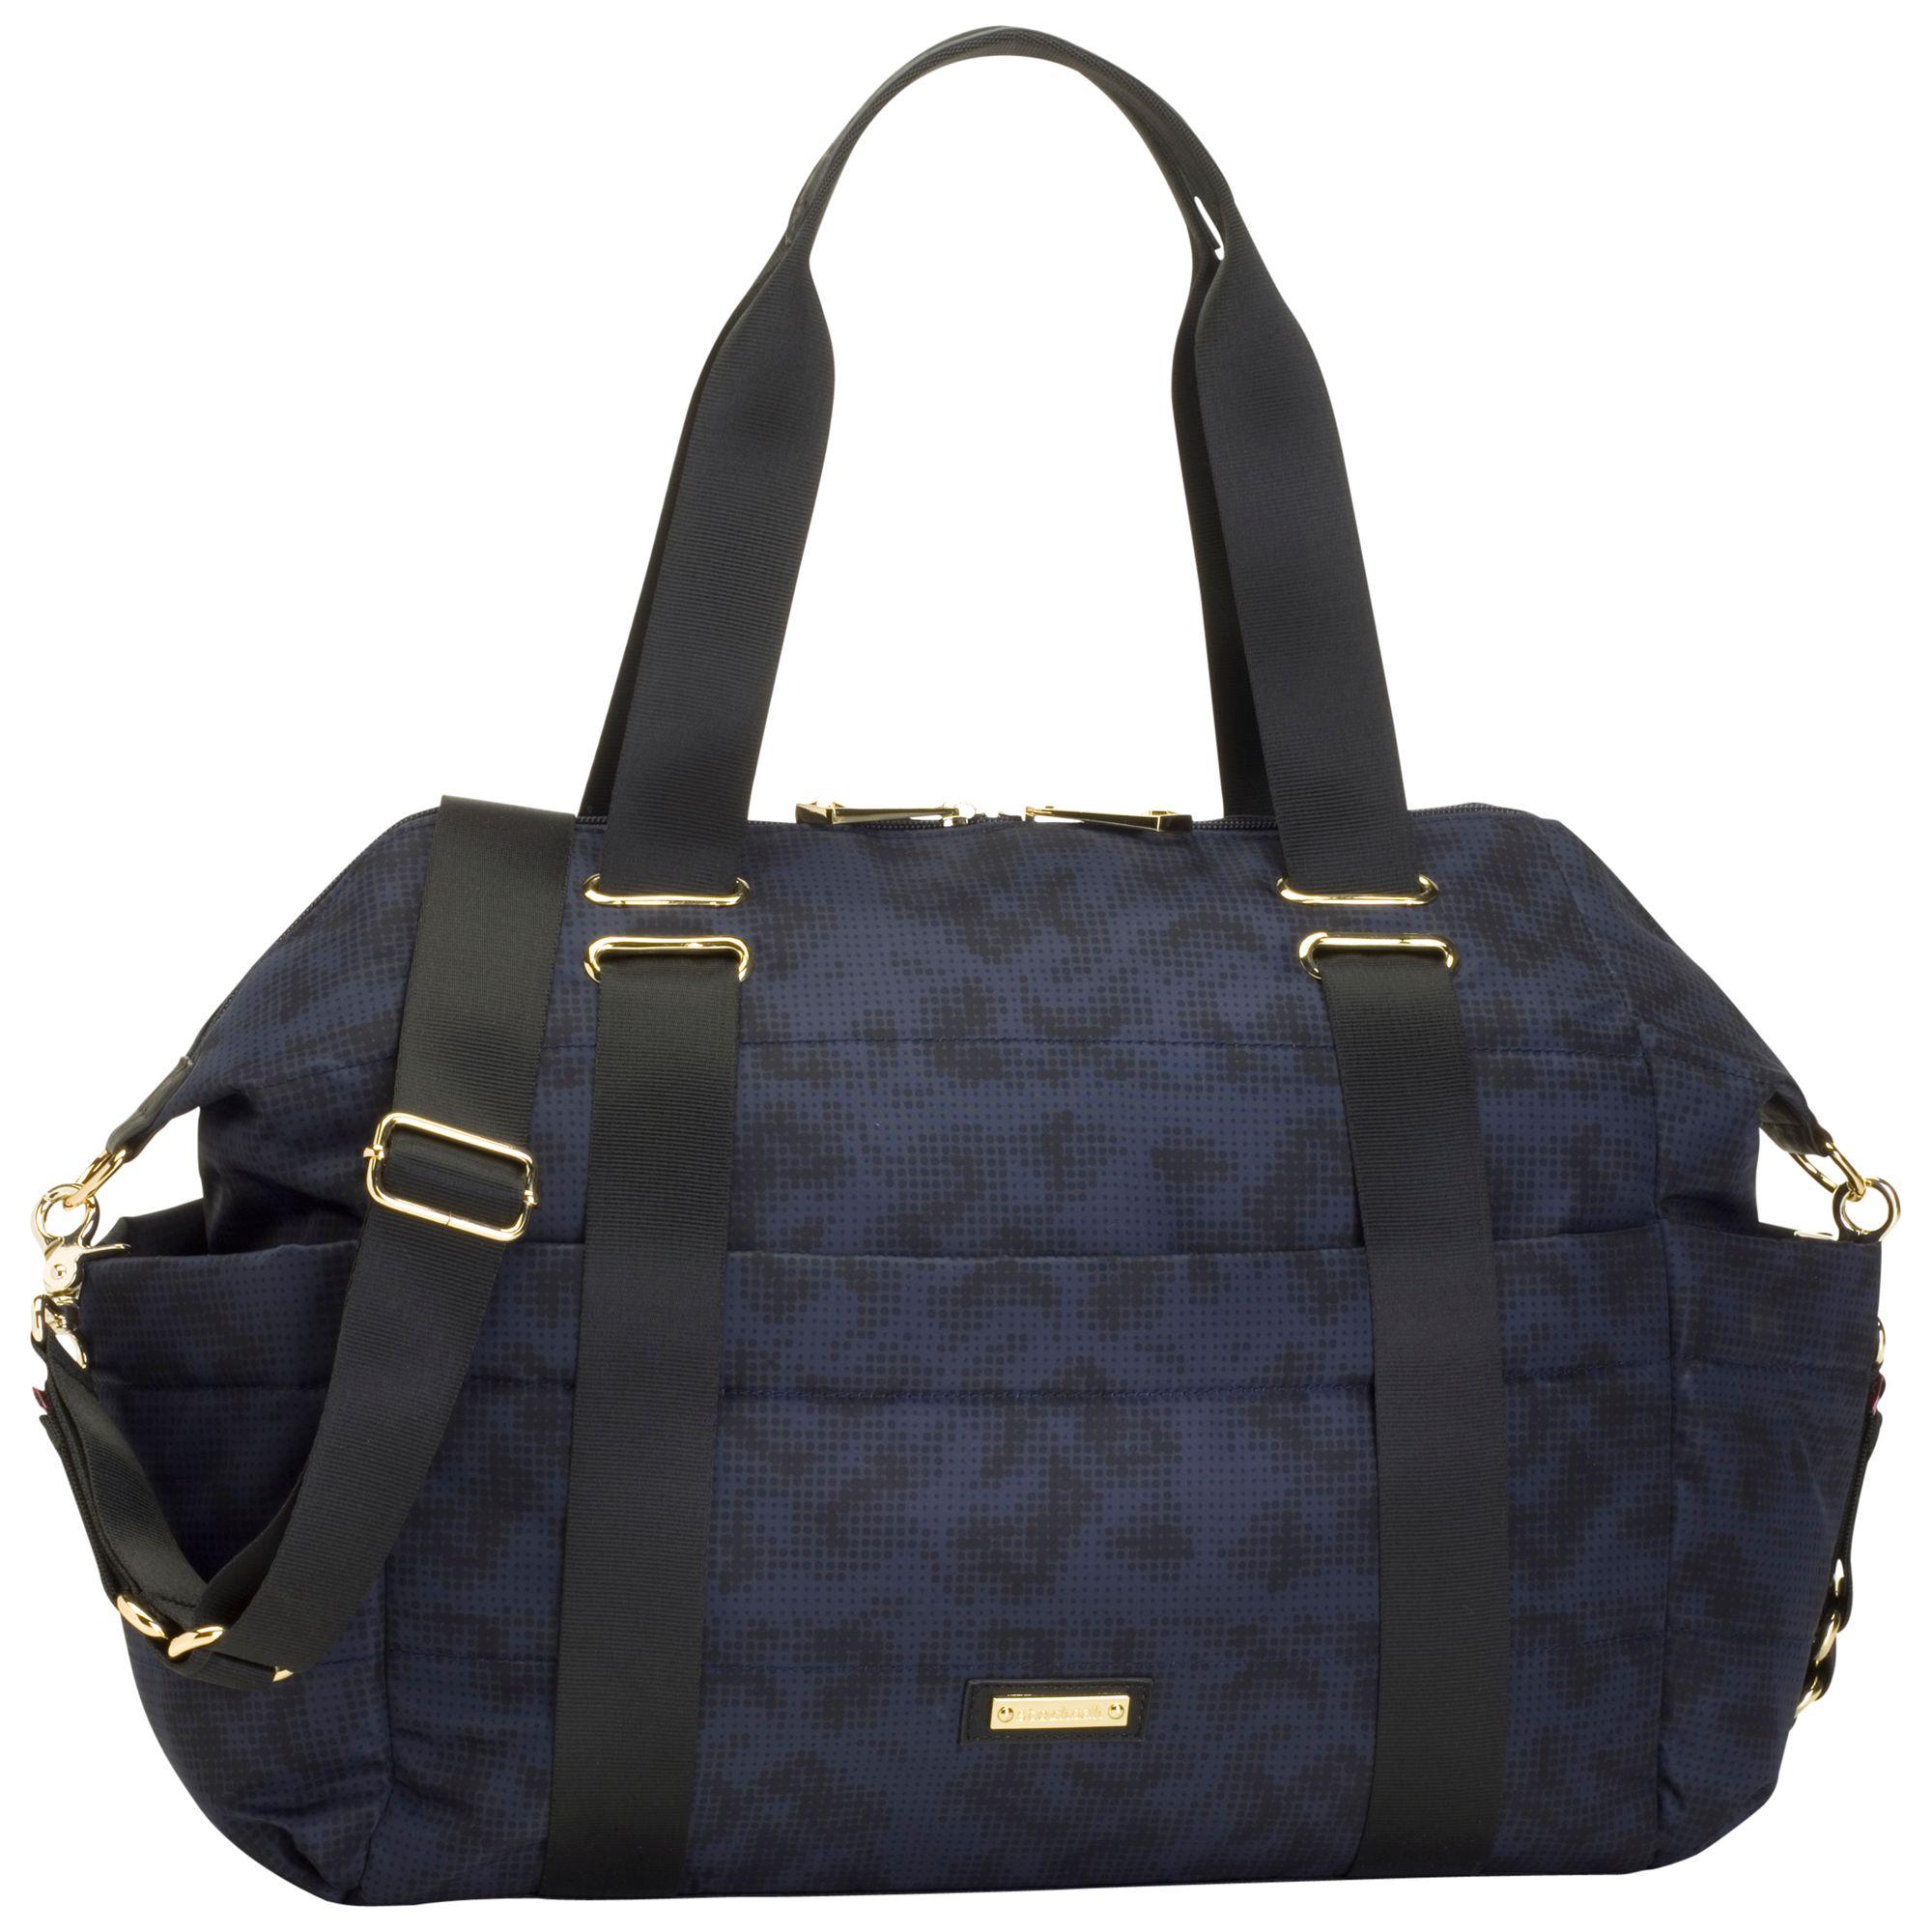 Storksak Storksak Sandy Changing Bag